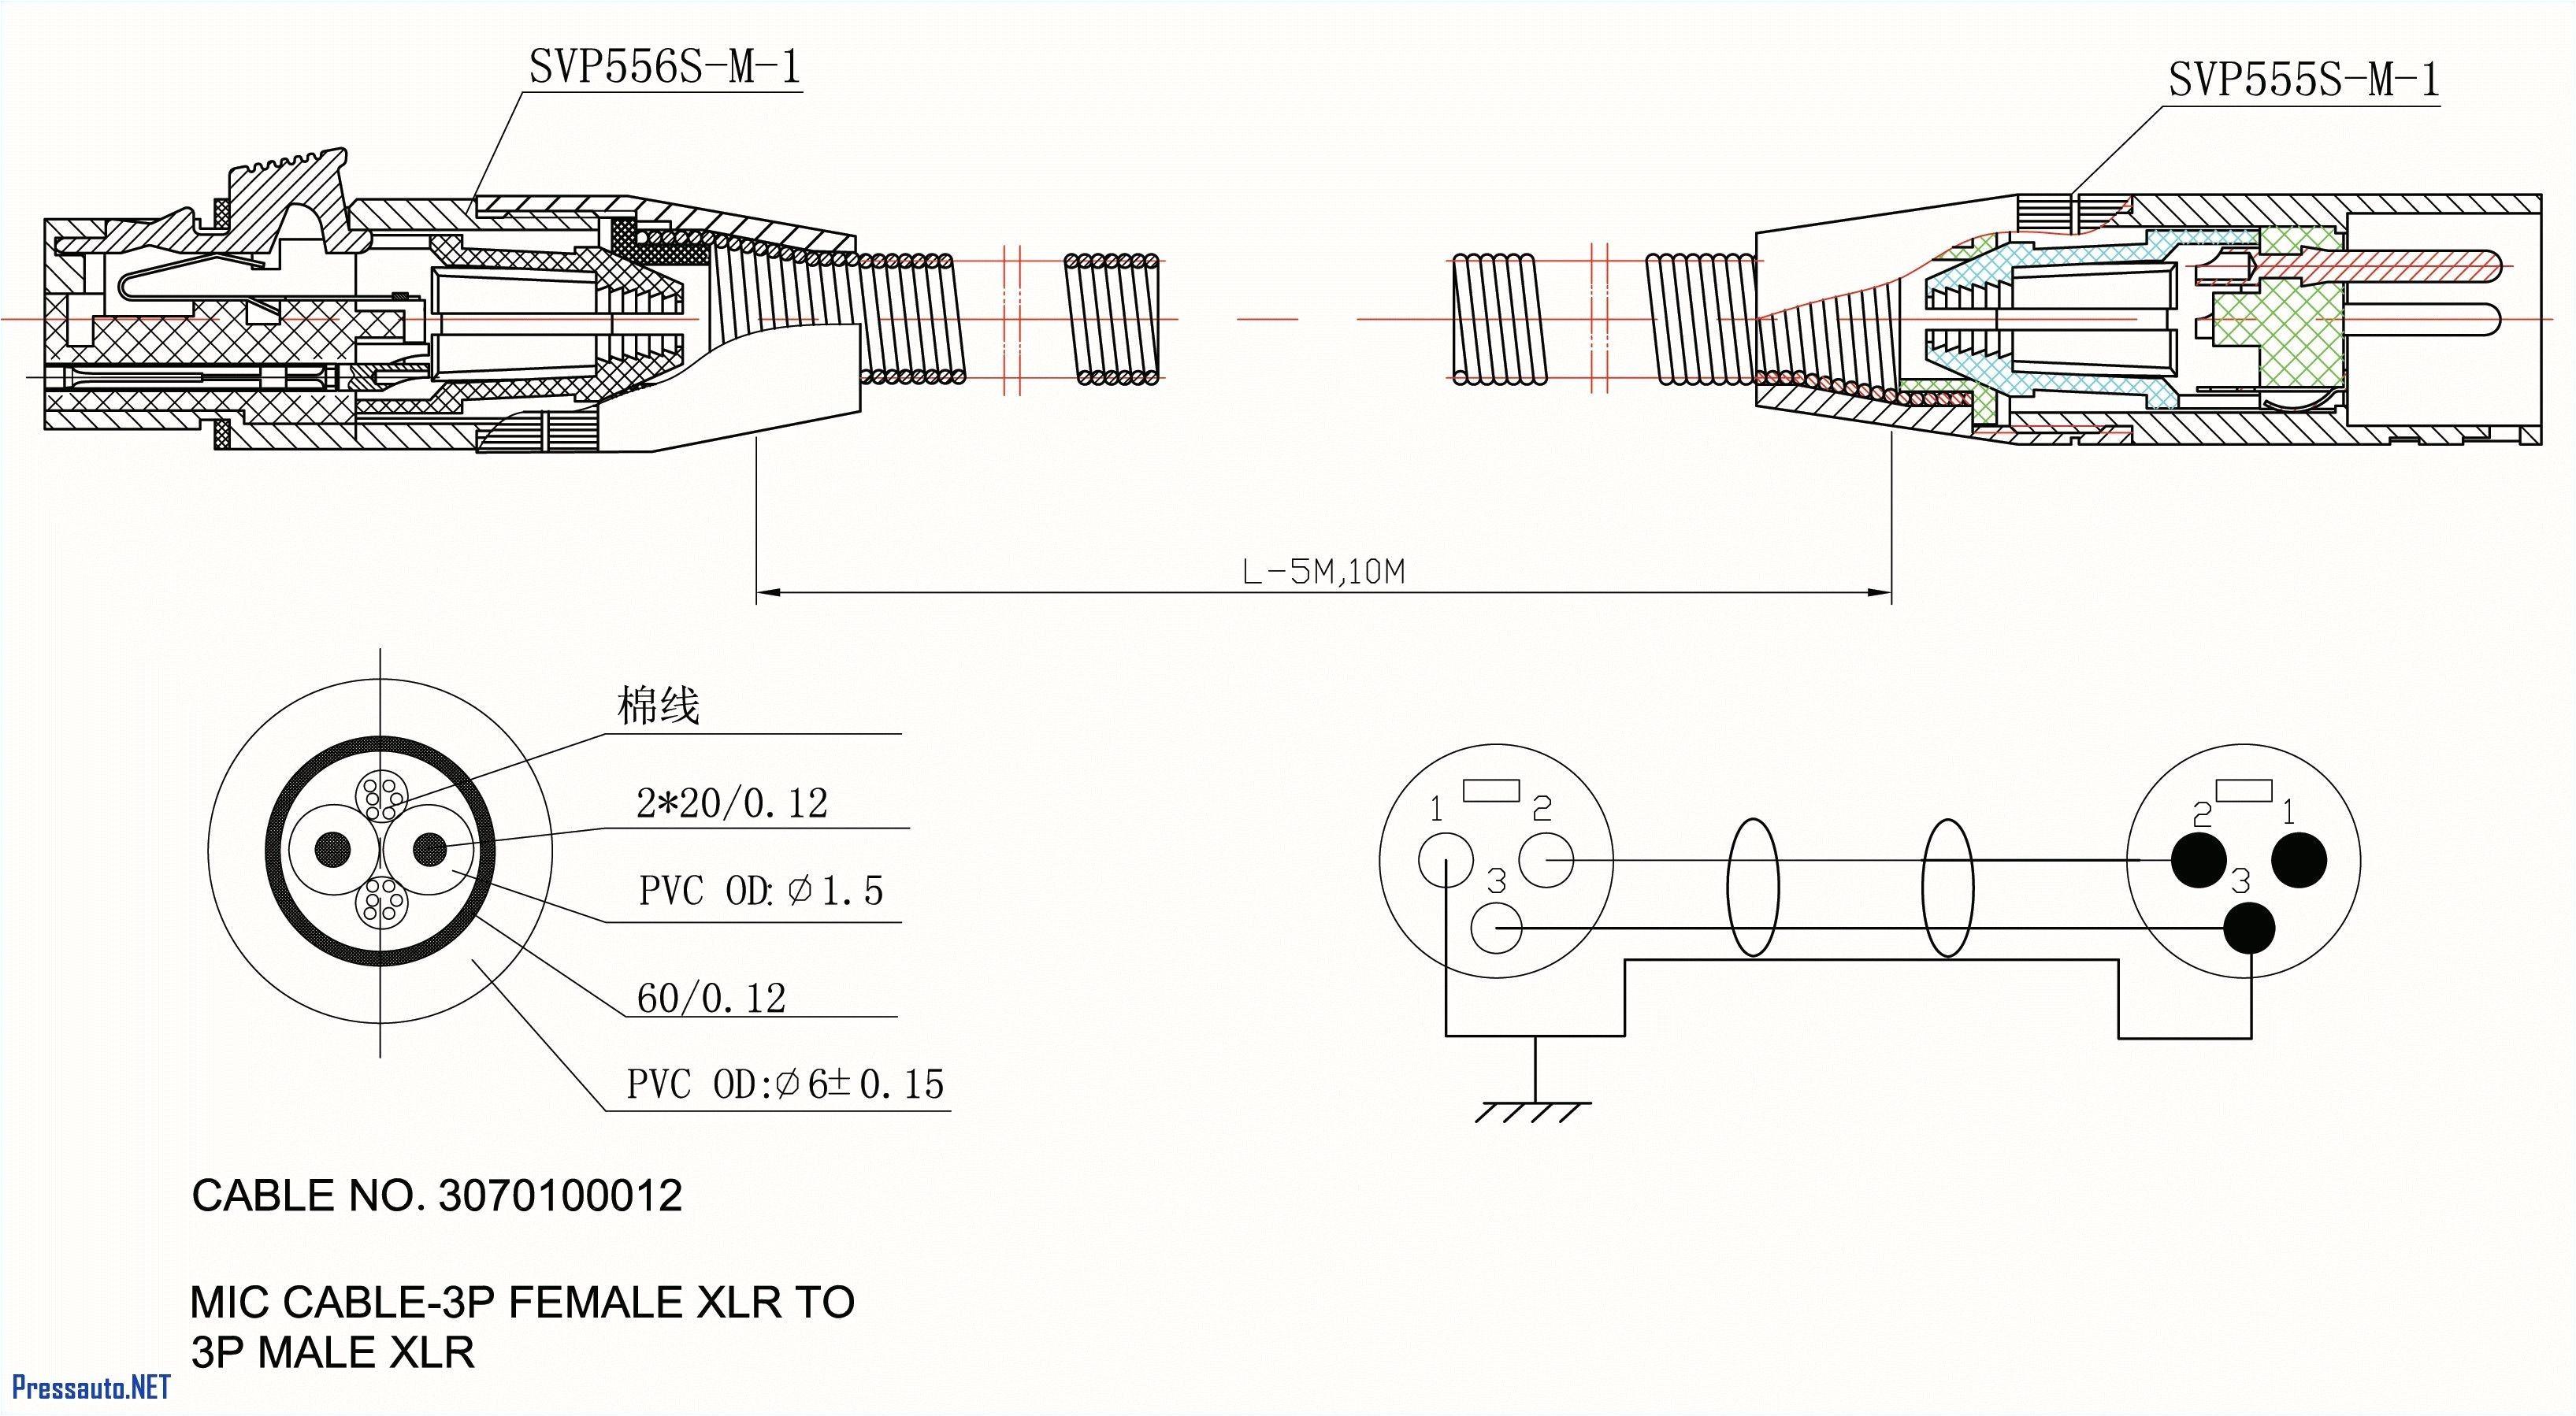 best of wiring diagram 7 pin trailer plug toyota diagrams digramssample diagramimages